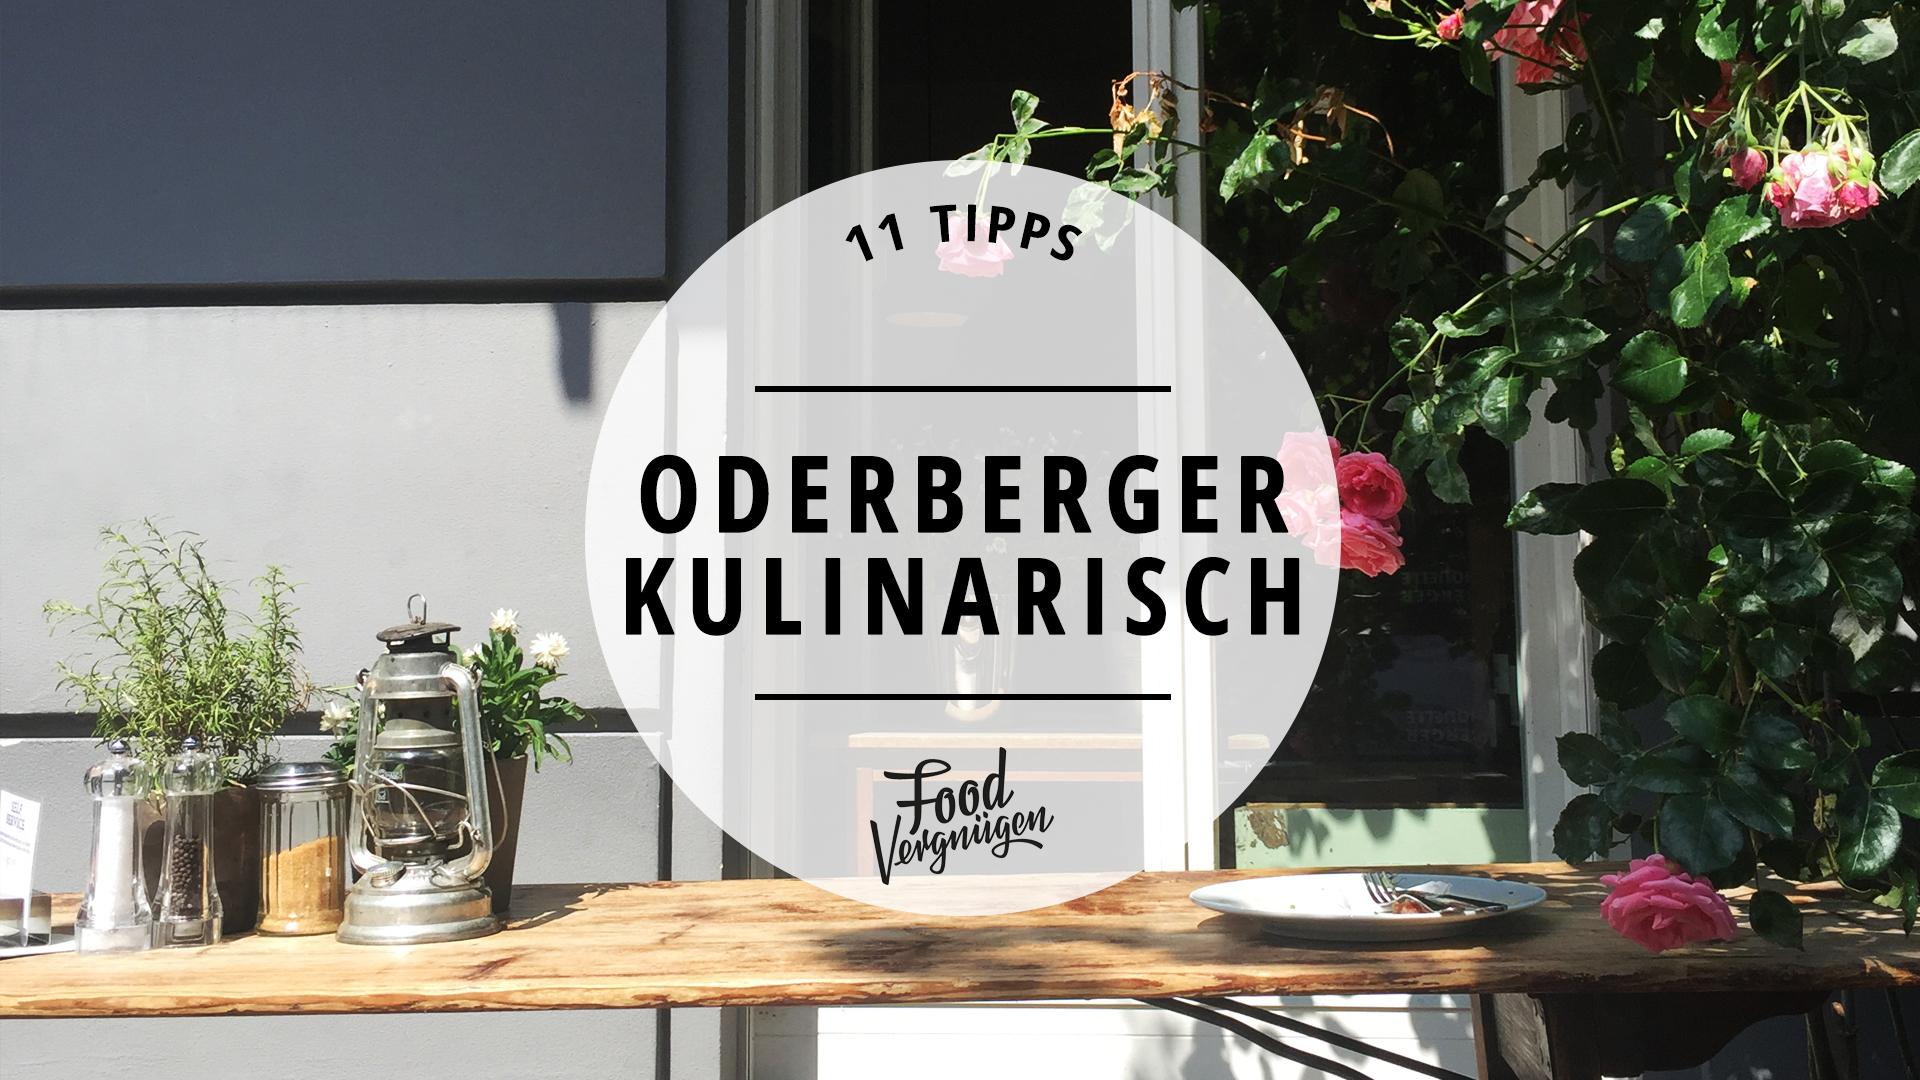 11 Cafés, Restaurants und Bars in der Oderberger Straße, die ihr kennen solltet